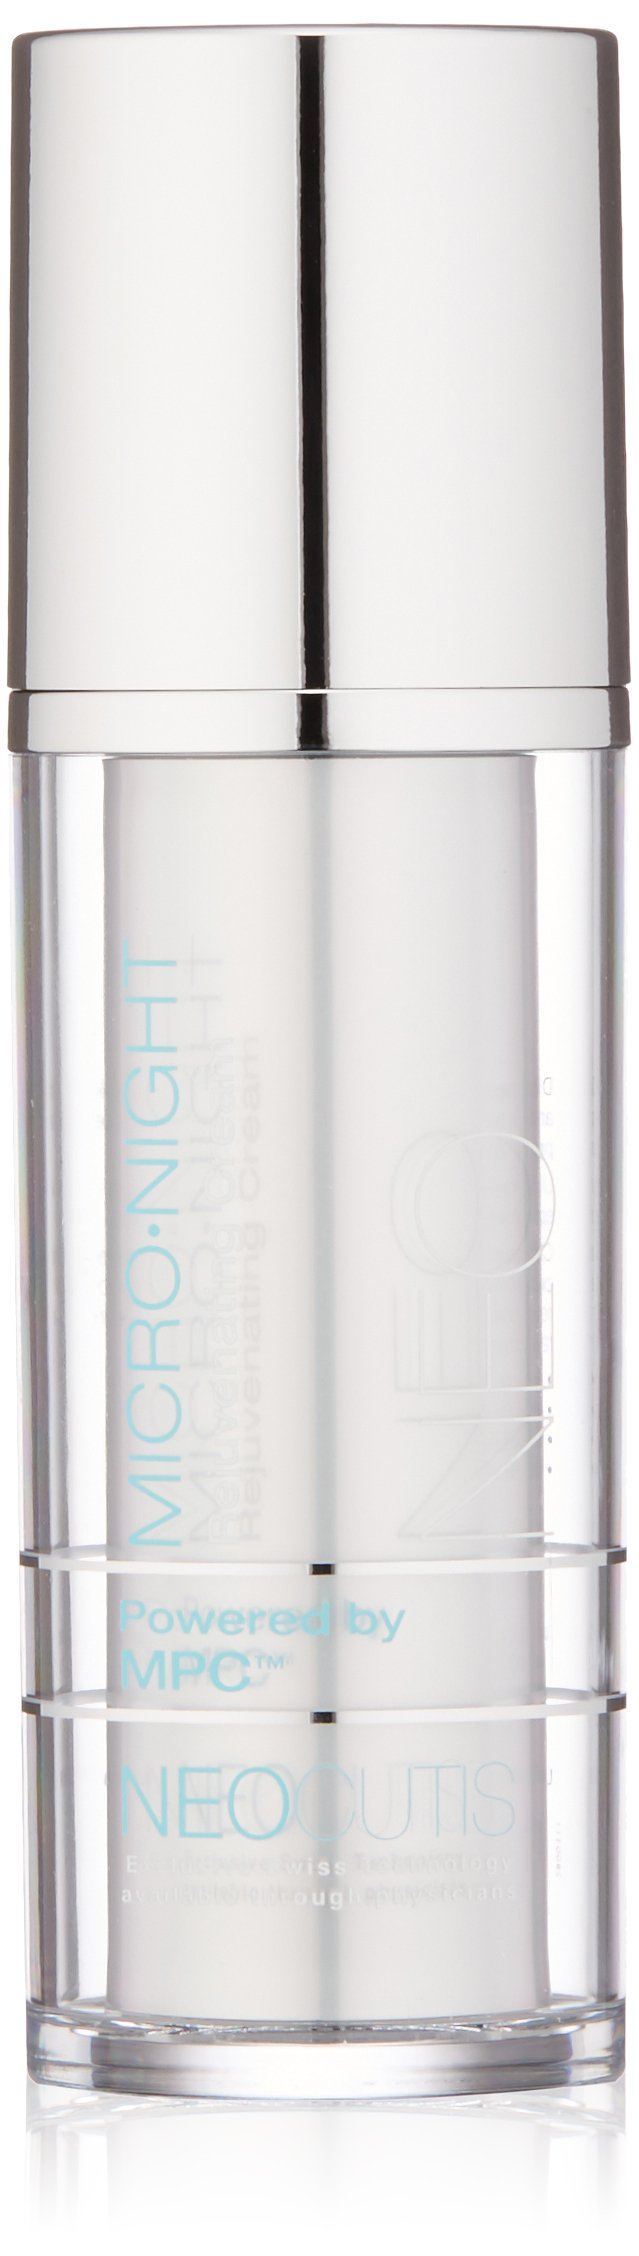 NeoCutis Micronight Rejuvenating Cream, 1 fl. oz.